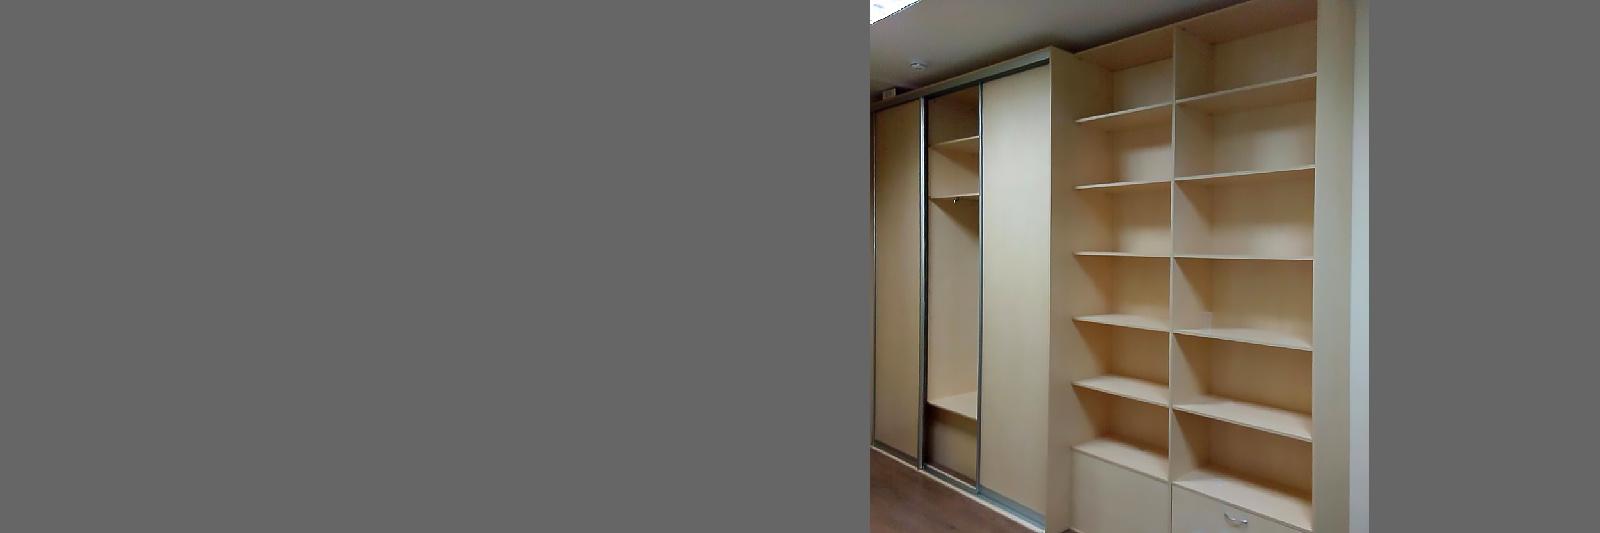 Шкаф-купе для одежды и открытые стеллажи для документов на заказ